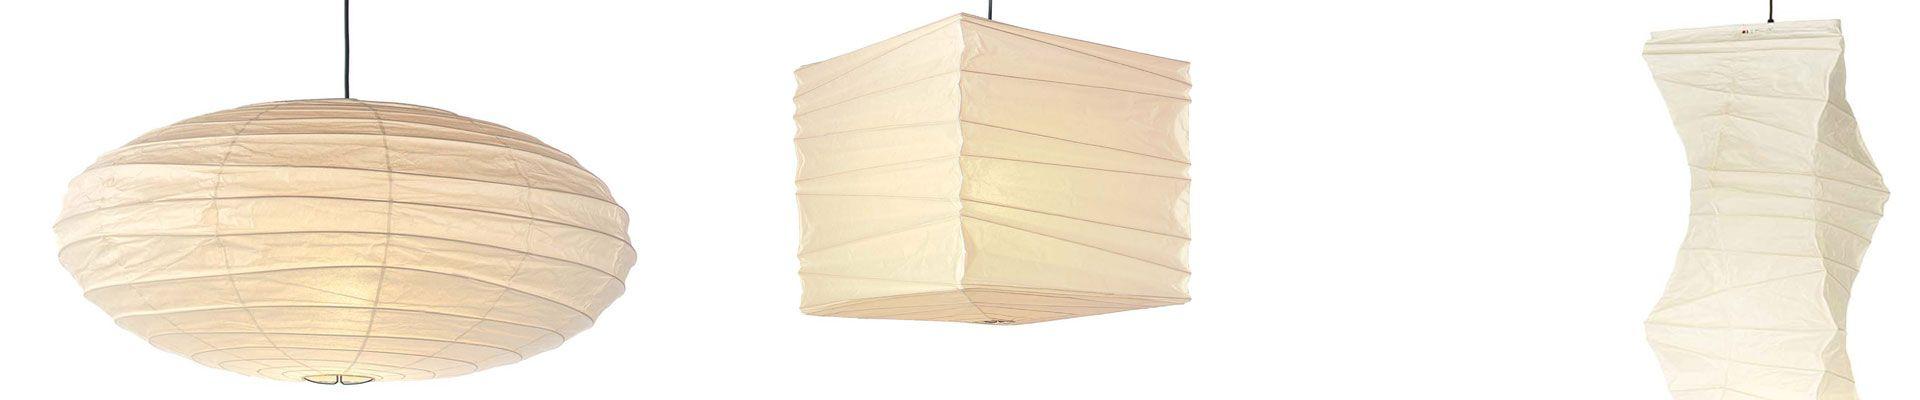 Vitra hanglampen